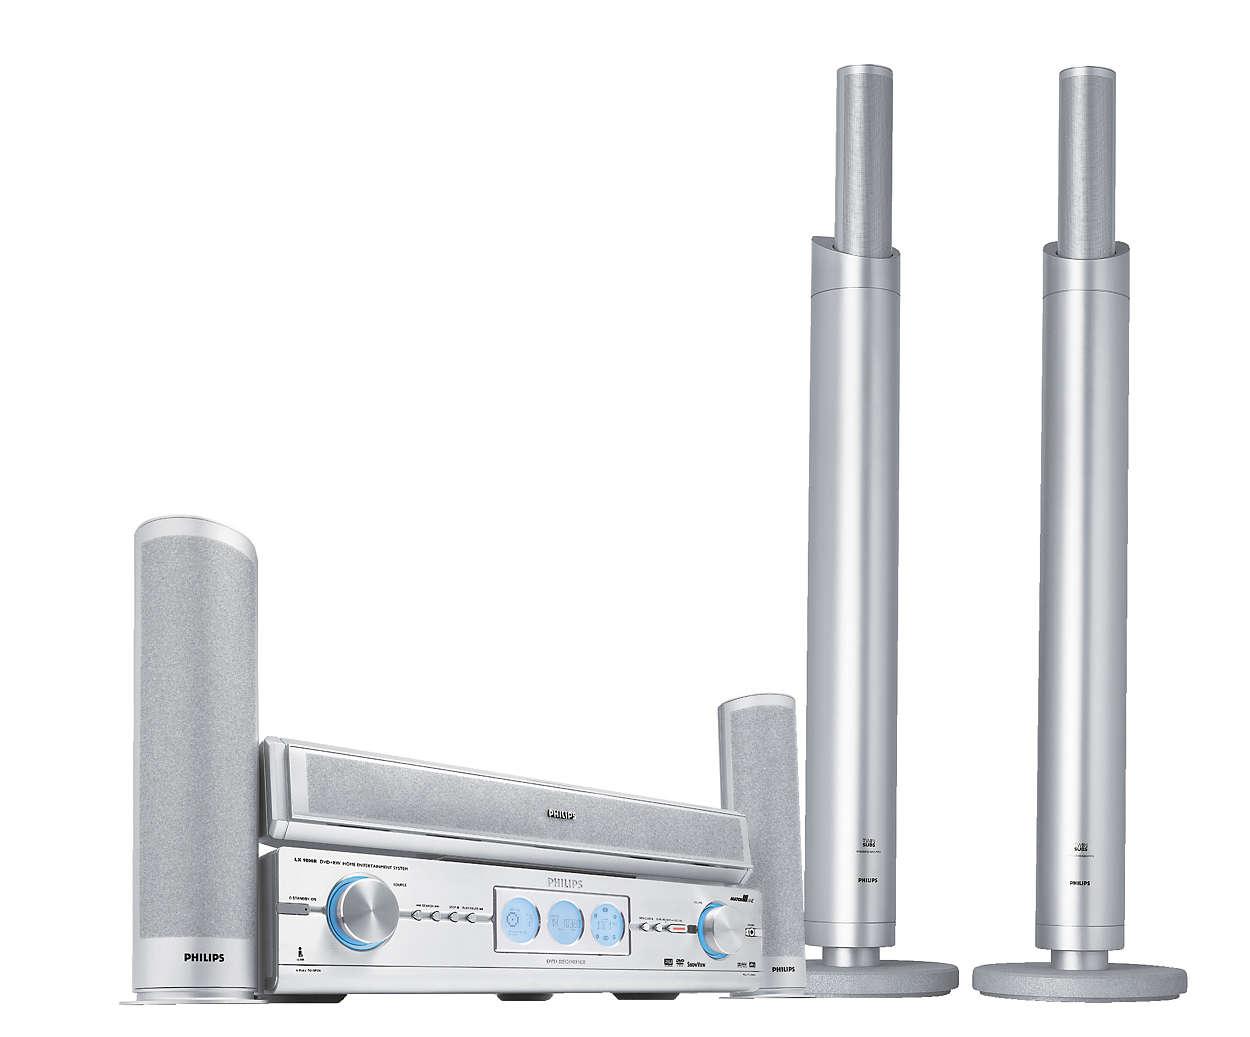 L'ultima tecnologia per DVD, registrazione e audio